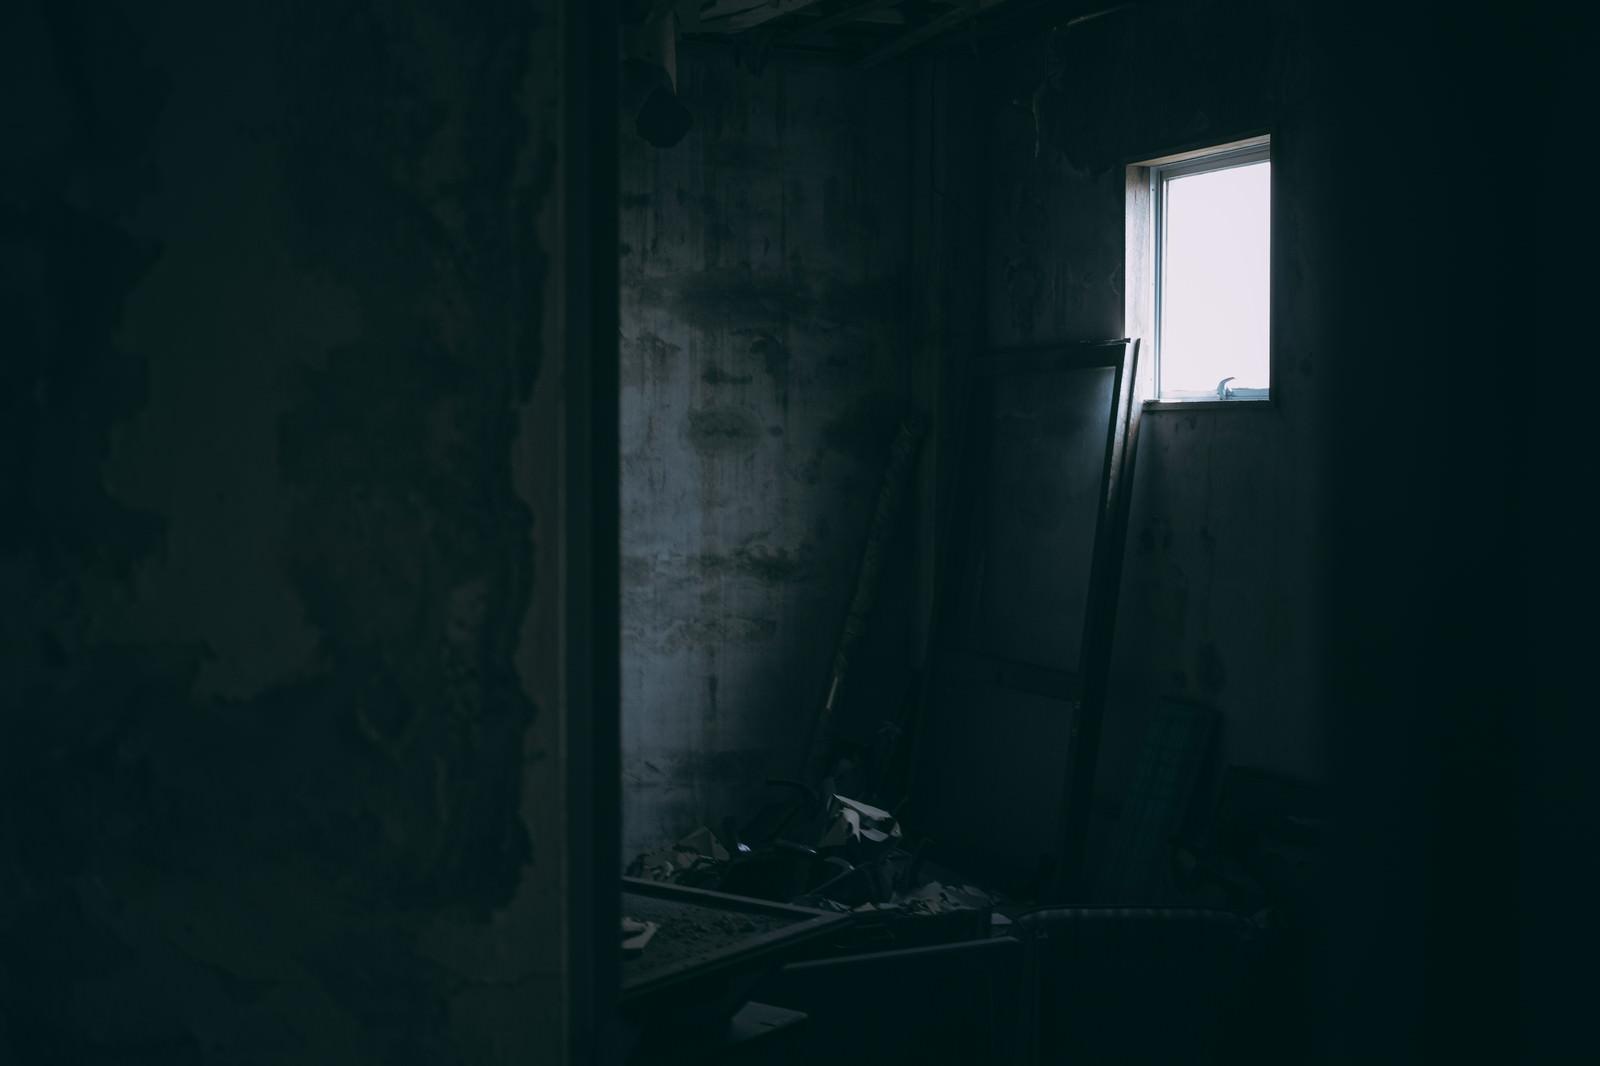 「孤独な部屋と遠い記憶」の写真